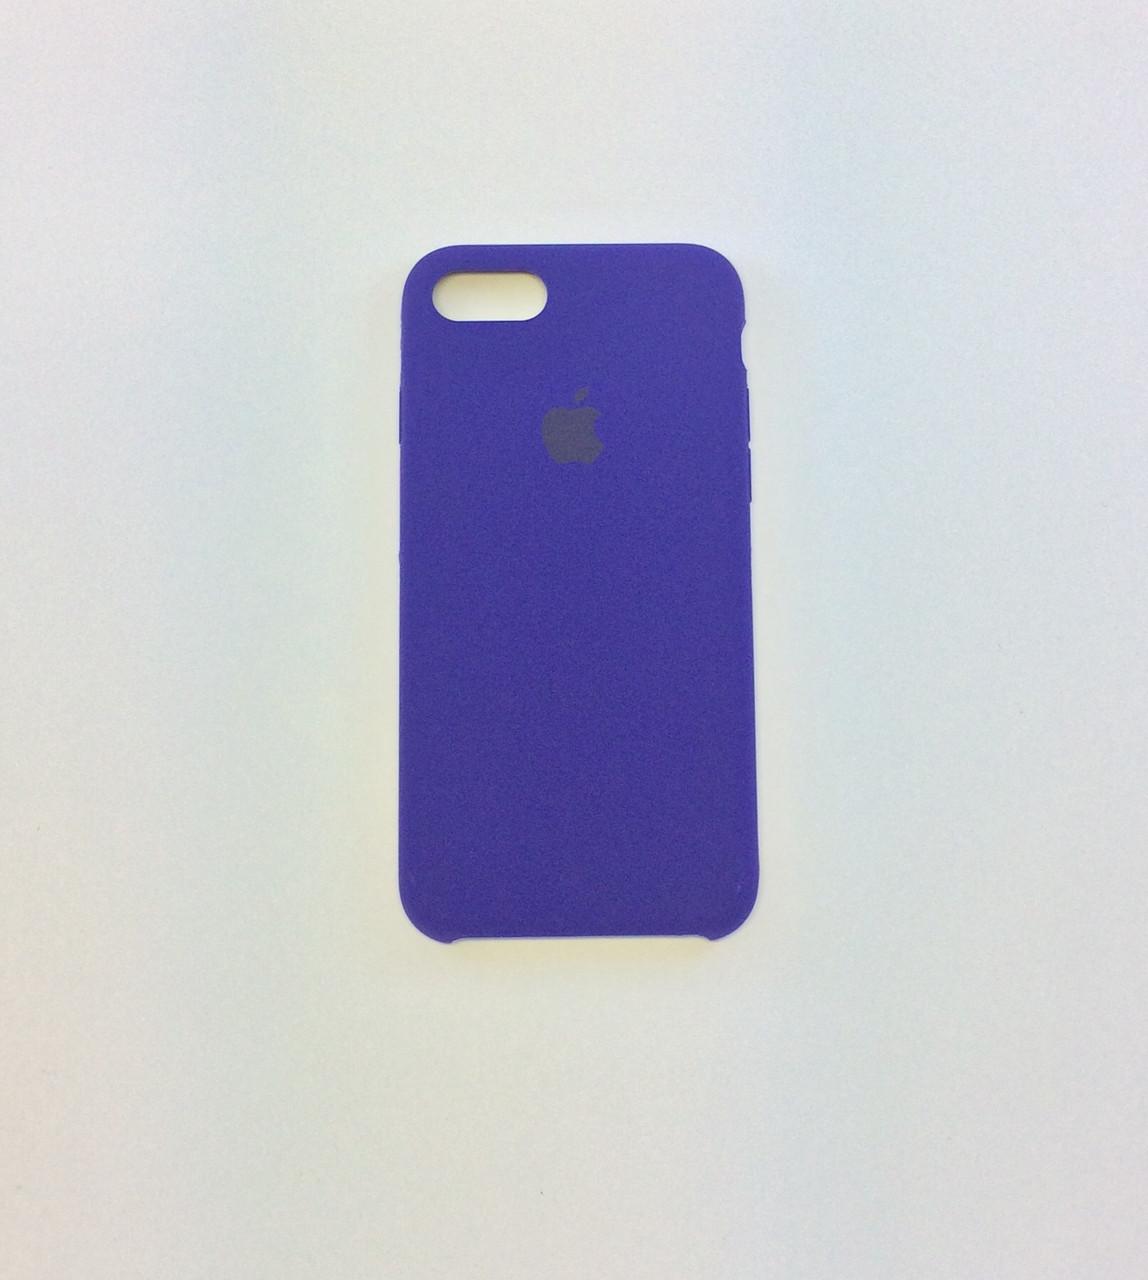 Силиконовый чехол iPhone 7 Plus / 8 Plus, ультрафиолет, copy original